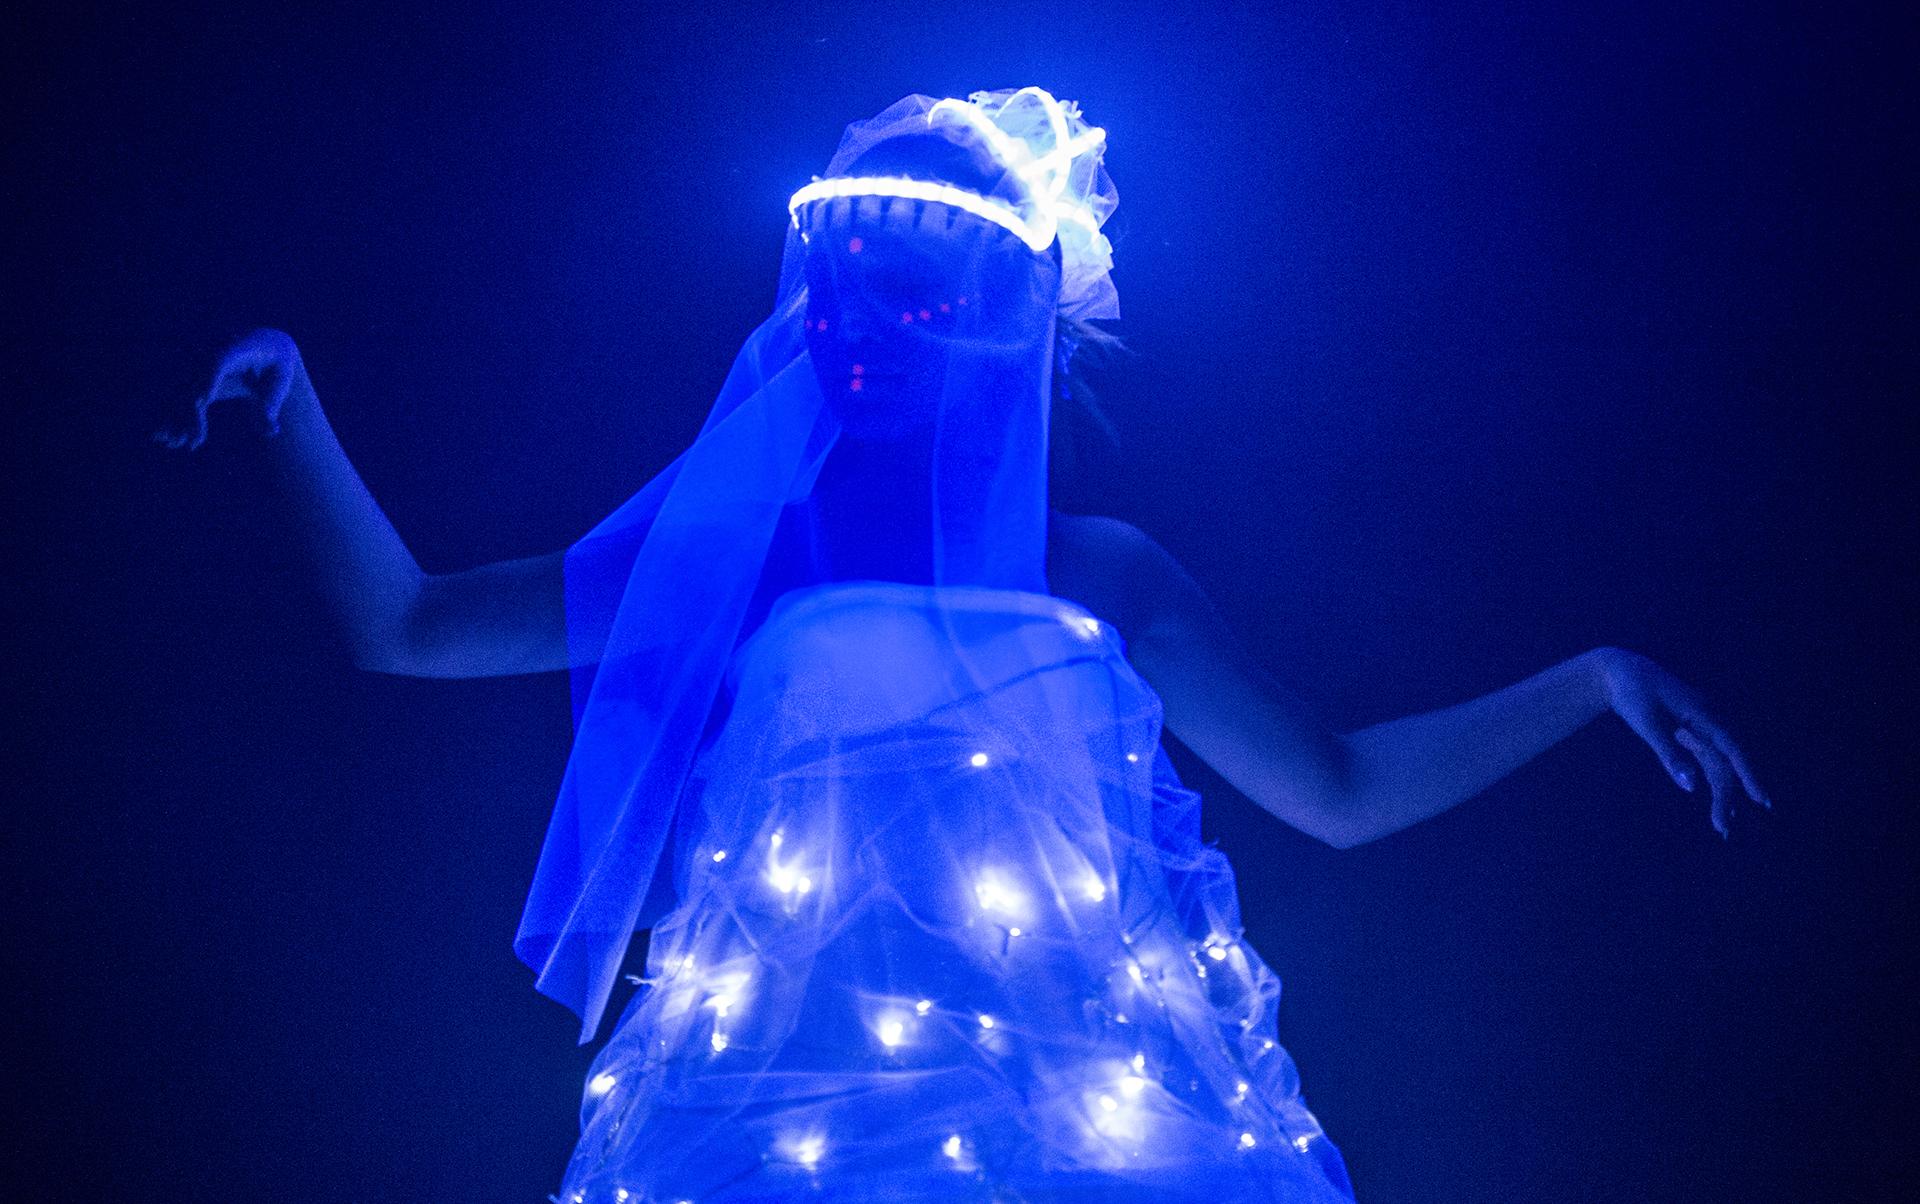 Модель на показе мод во время Фестиваля света в Оффенбахе, Германия, 12 марта 2016 года. EPA / BORIS ROESSLER